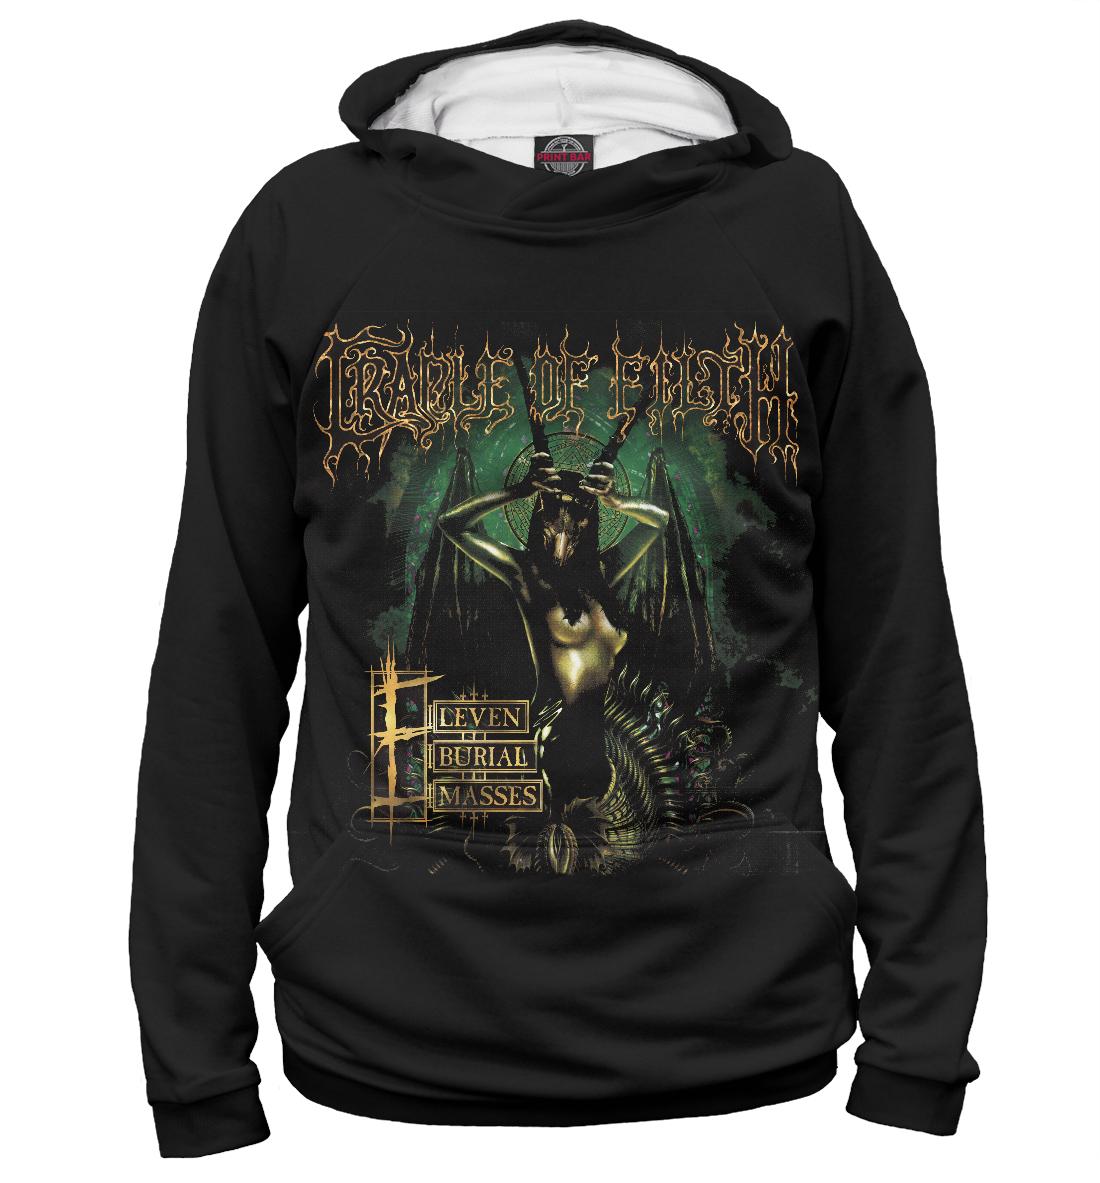 Купить Cradle of Filth: Eleven Burial Masses, Printbar, Худи, MZK-985946-hud-1